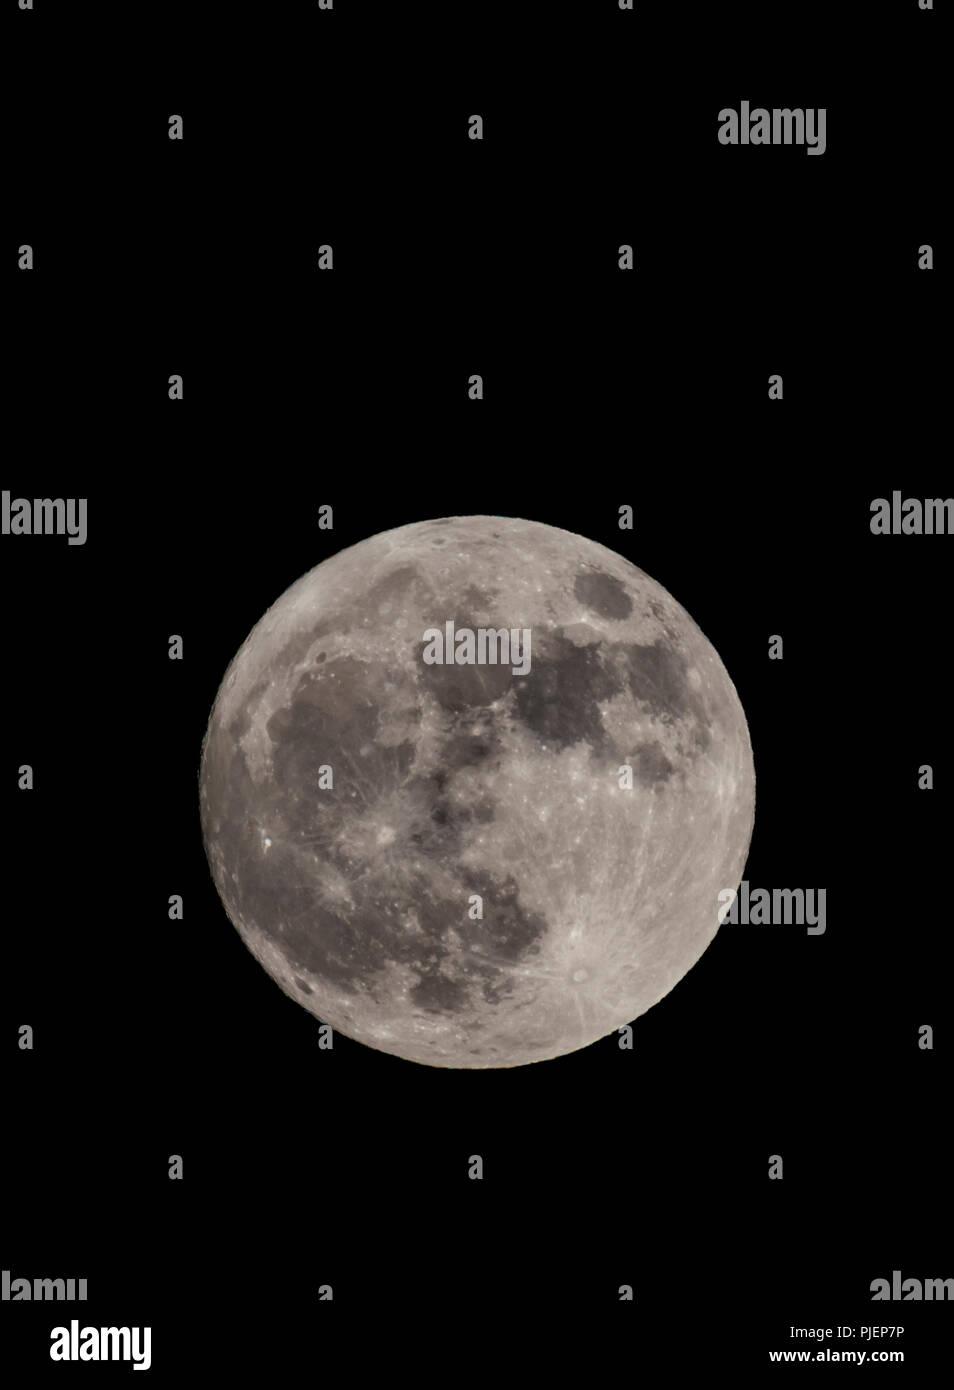 Supermoon au 1er janvier 2018 pris dans le sud de l'Angleterre, Royaume-Uni. La pleine lune la nuit en hiver. Super pleine Lune Portrait avec copie espace. Photo Stock